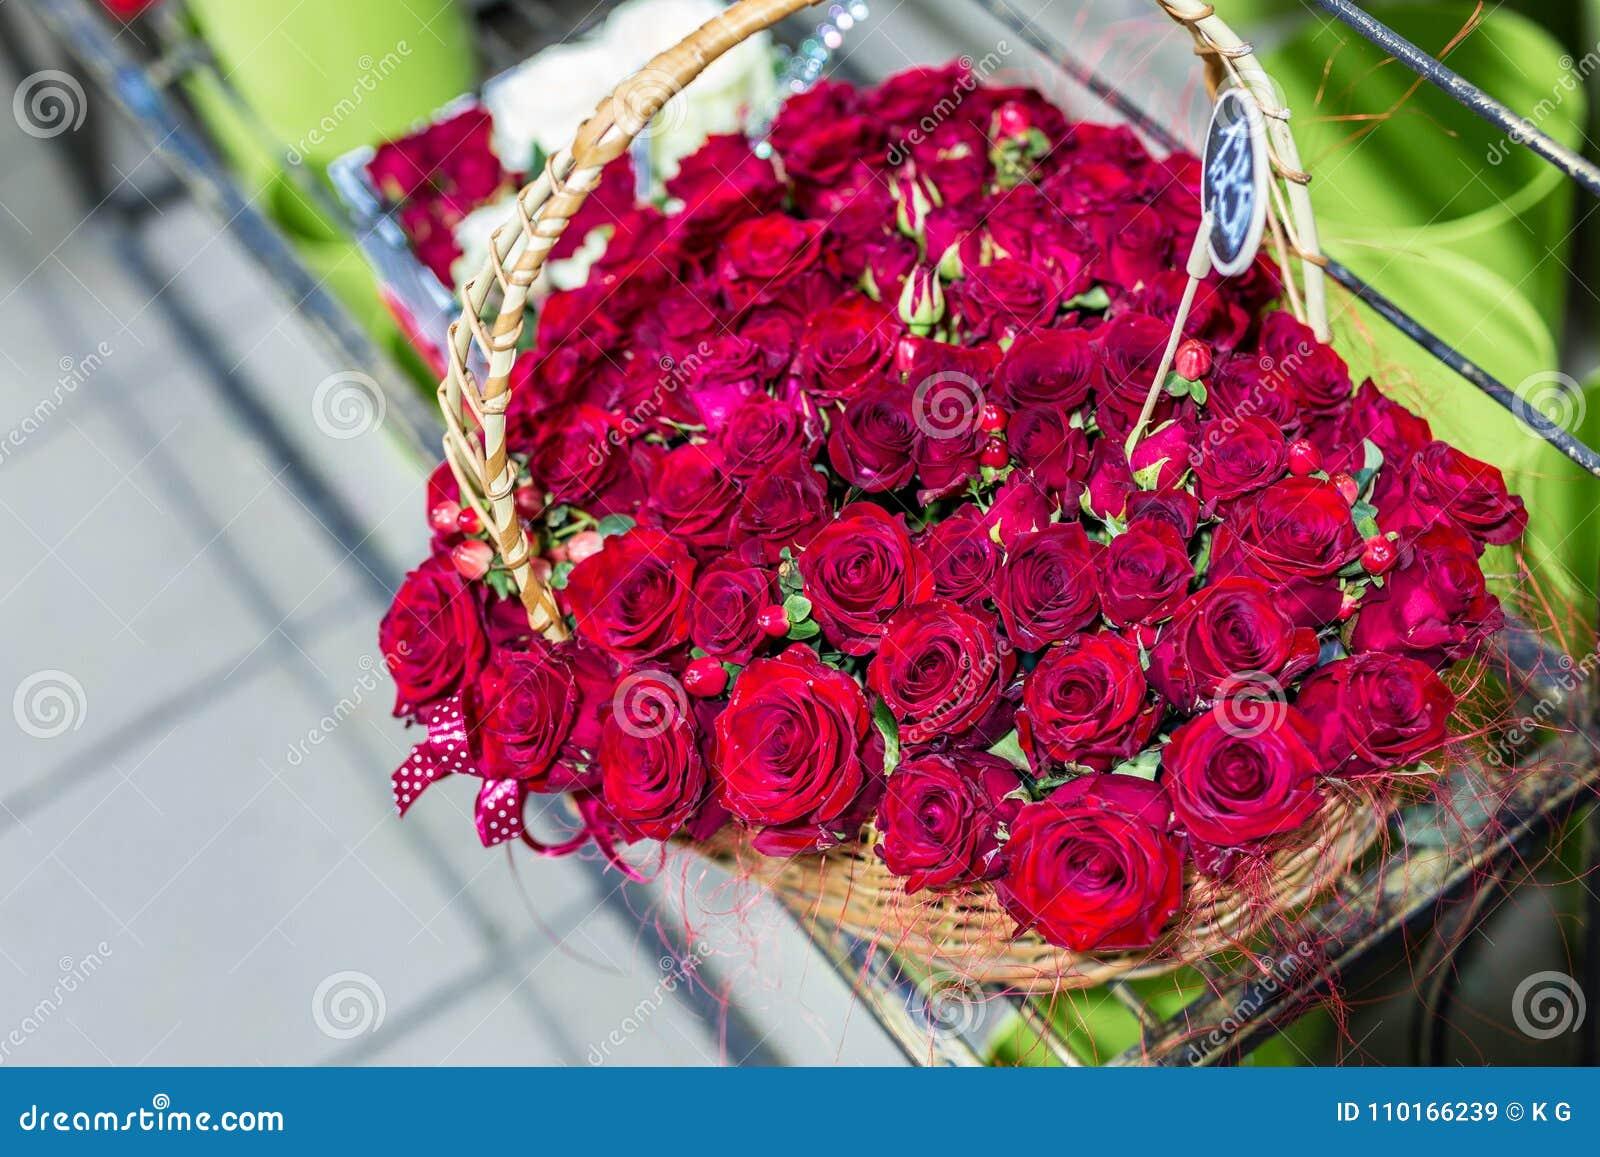 beau bouquet de forme d'iin de roses rouges de coeur fleurs dans le